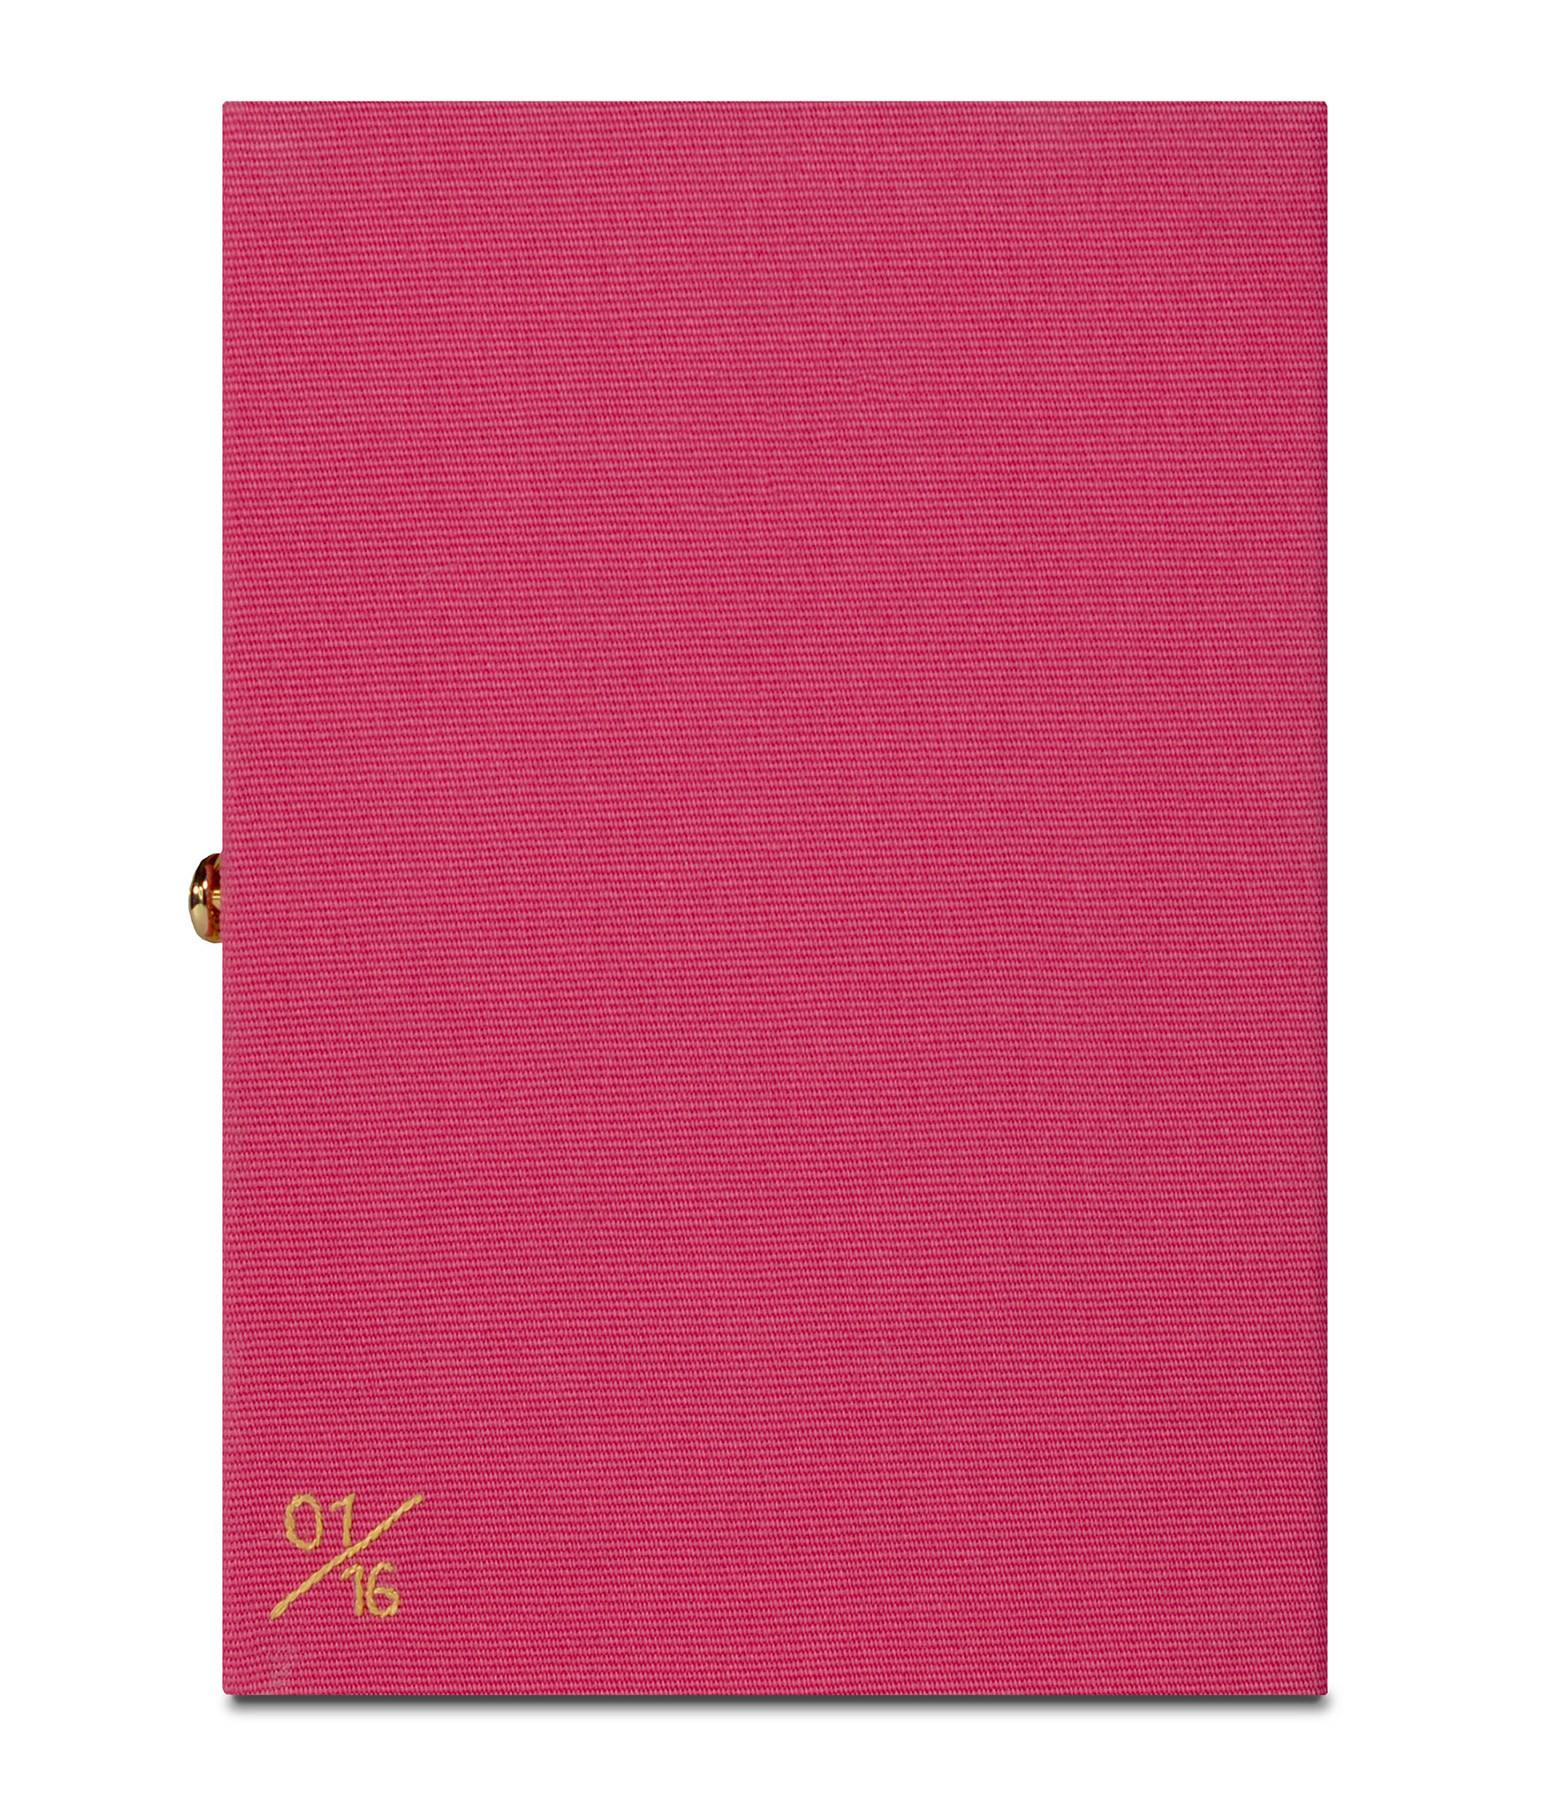 ASSOULINE - Écrin à livre, Olympia Le-Tan x Assouline